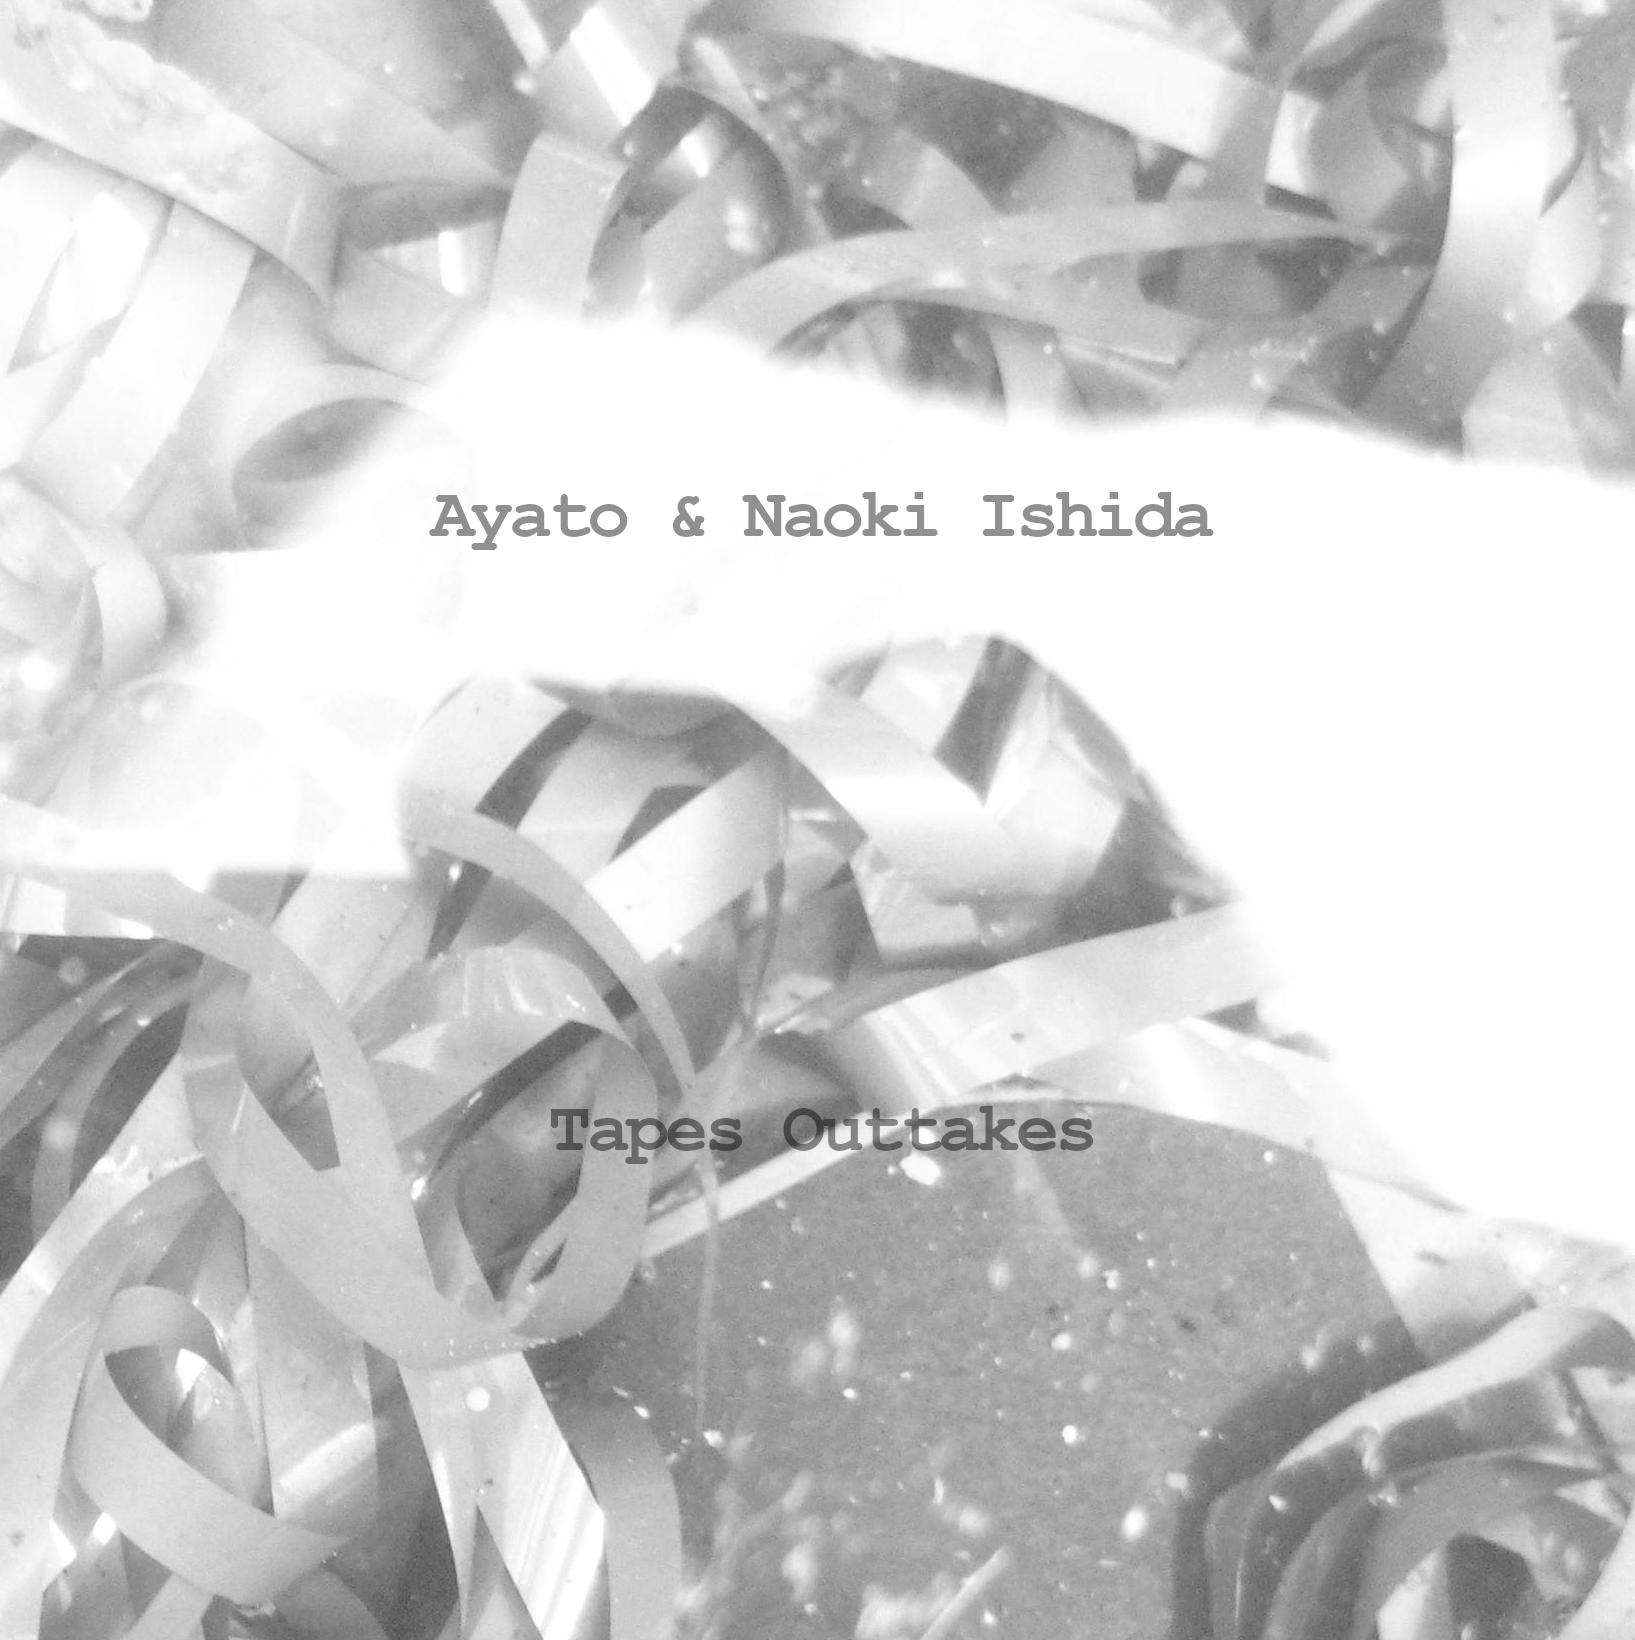 Ayato & Naoki Ishida – Tapes Outtakes